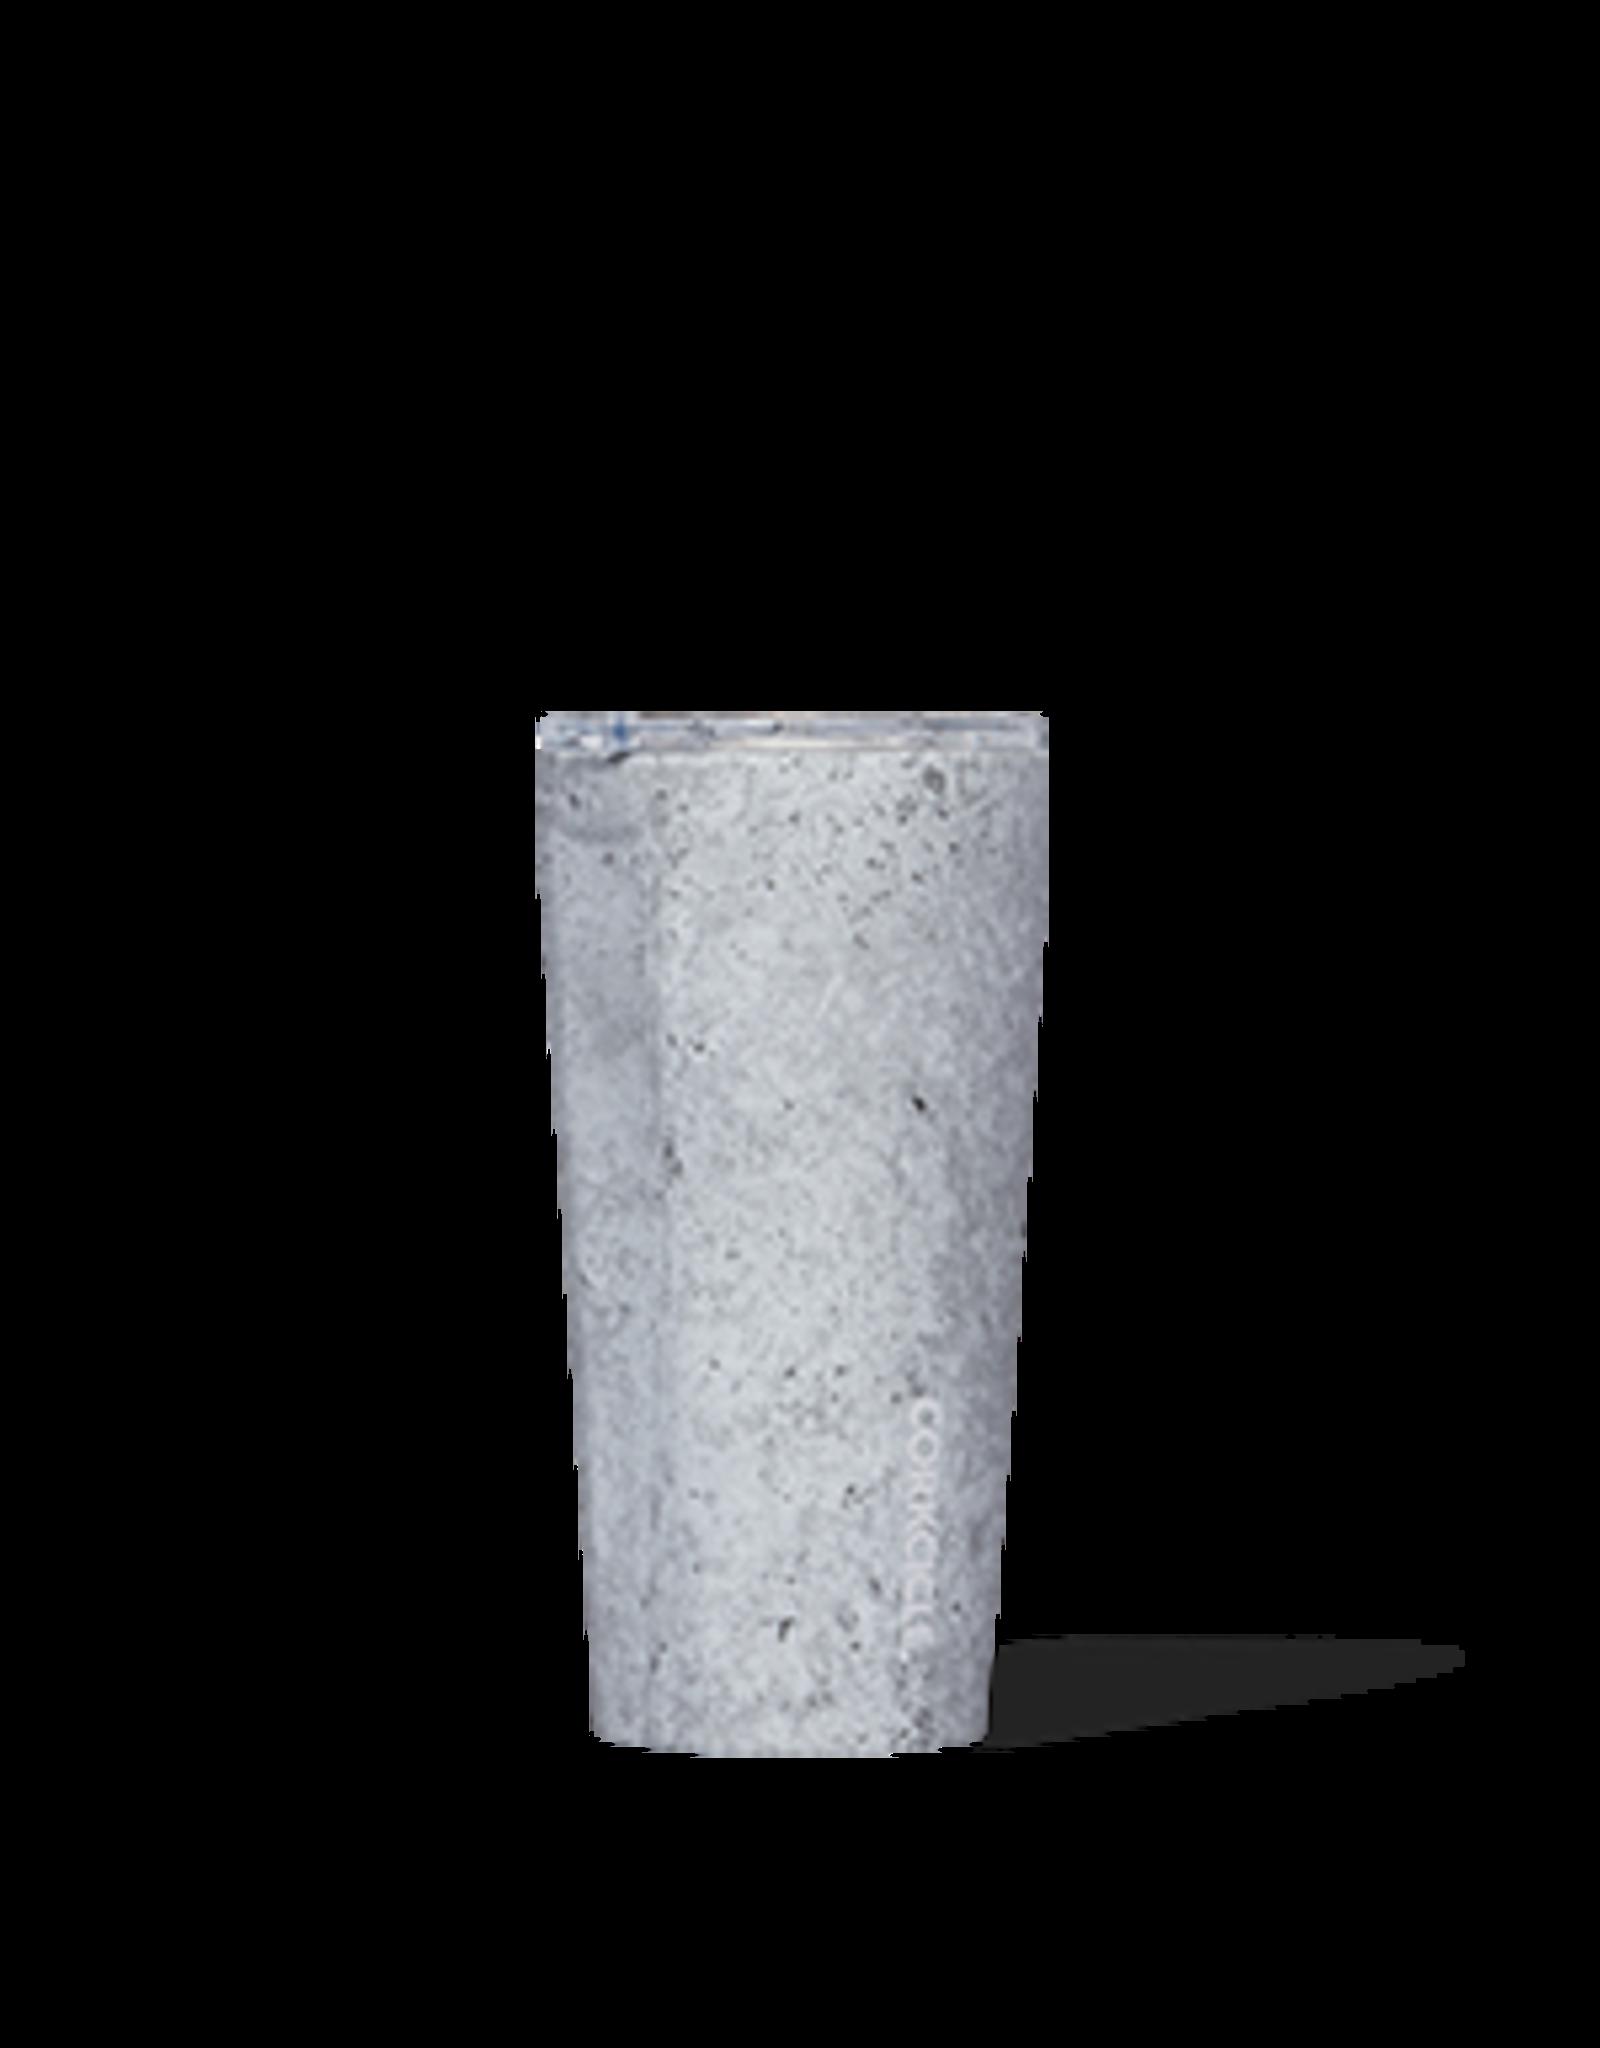 Corkcicle Tumbler - 16oz Concrete